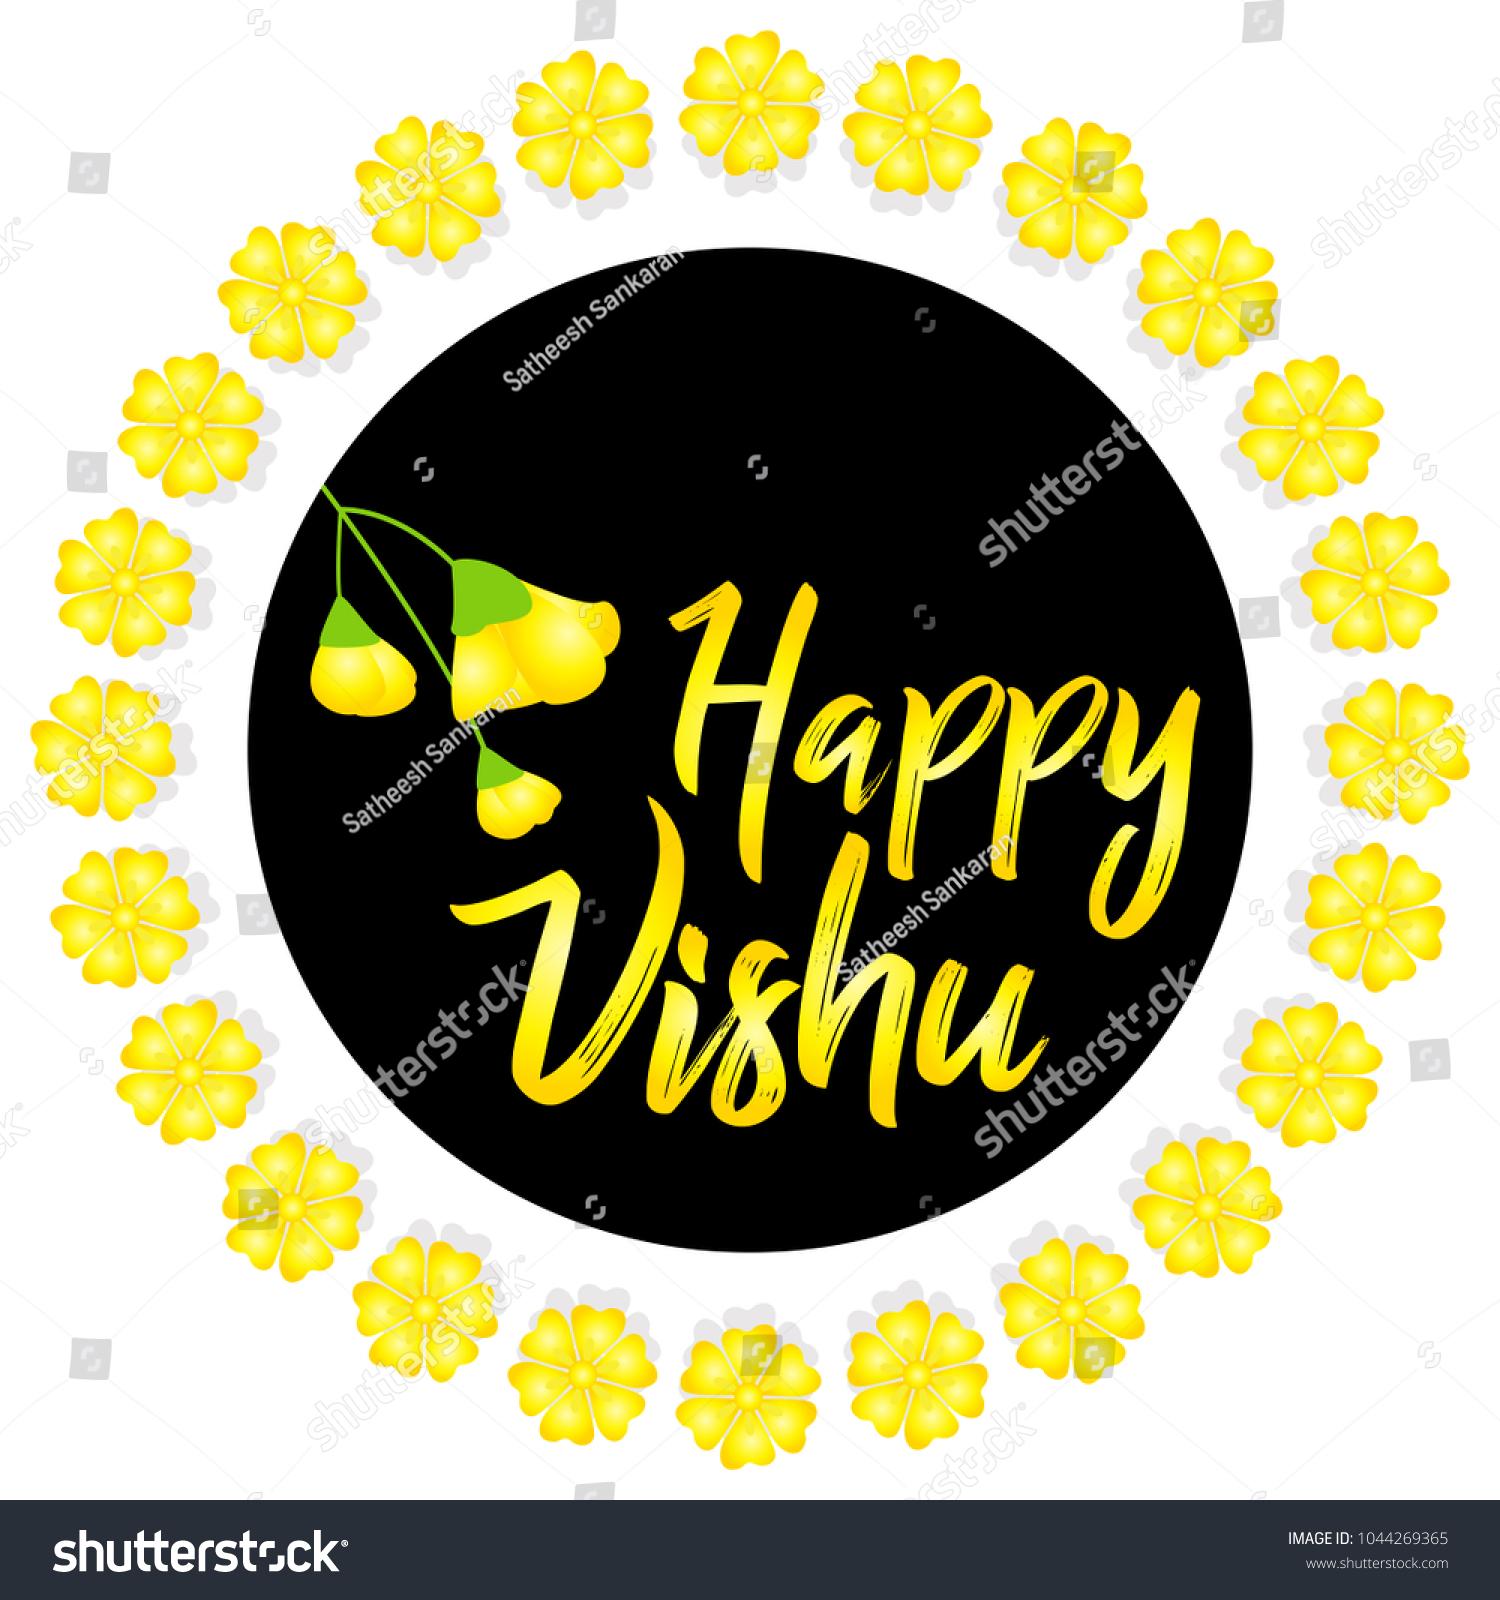 Creative Vector Illustration Hindu Festival Vishu Stock Vector